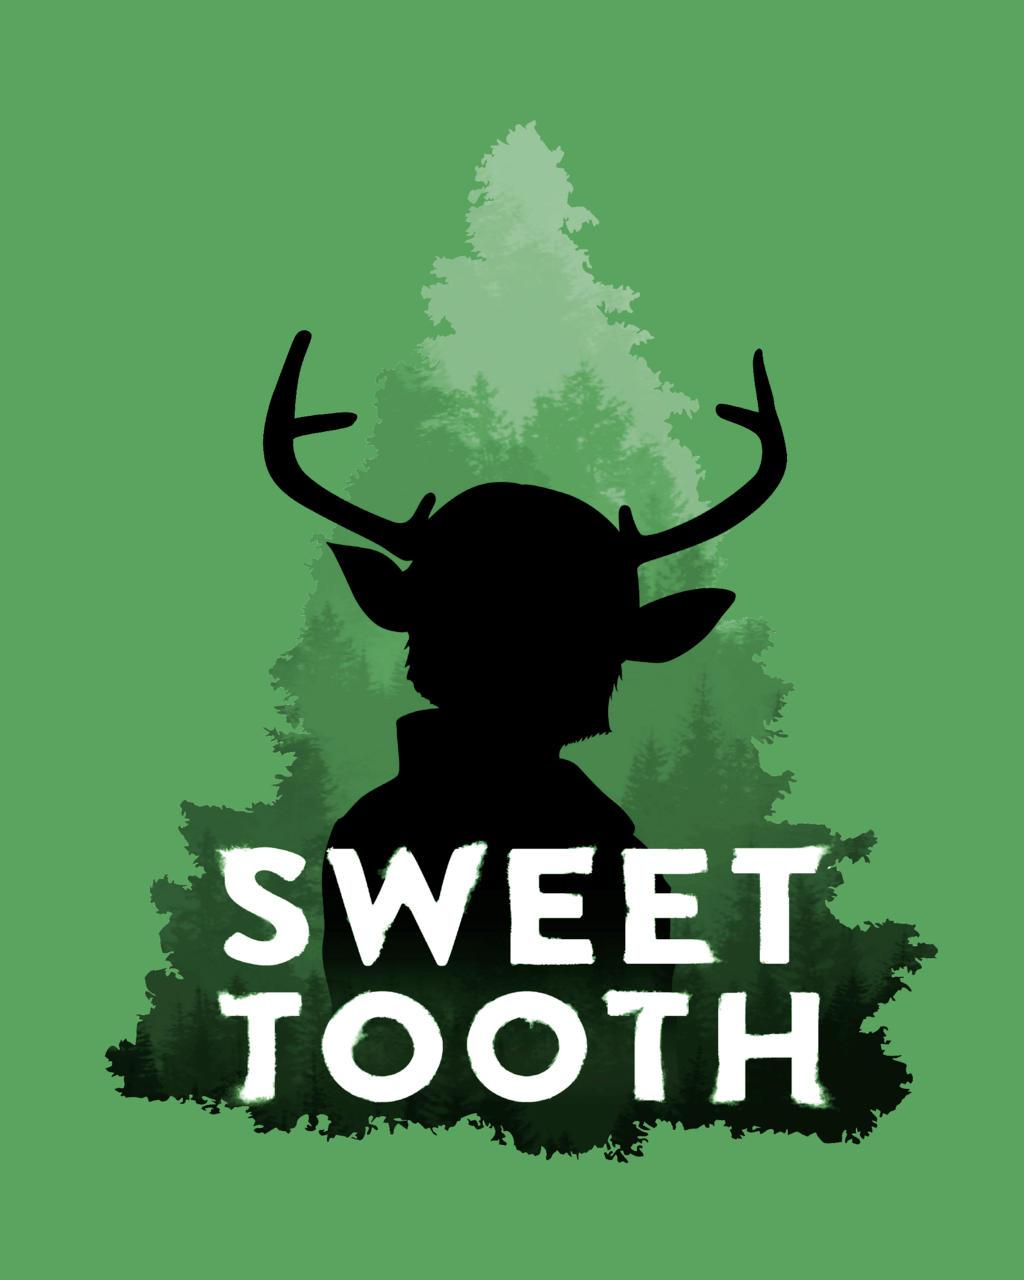 Το Sweet Tooth γίνεται σειρά στο Netflix με παραγωγό τον Robert DowneyJr.